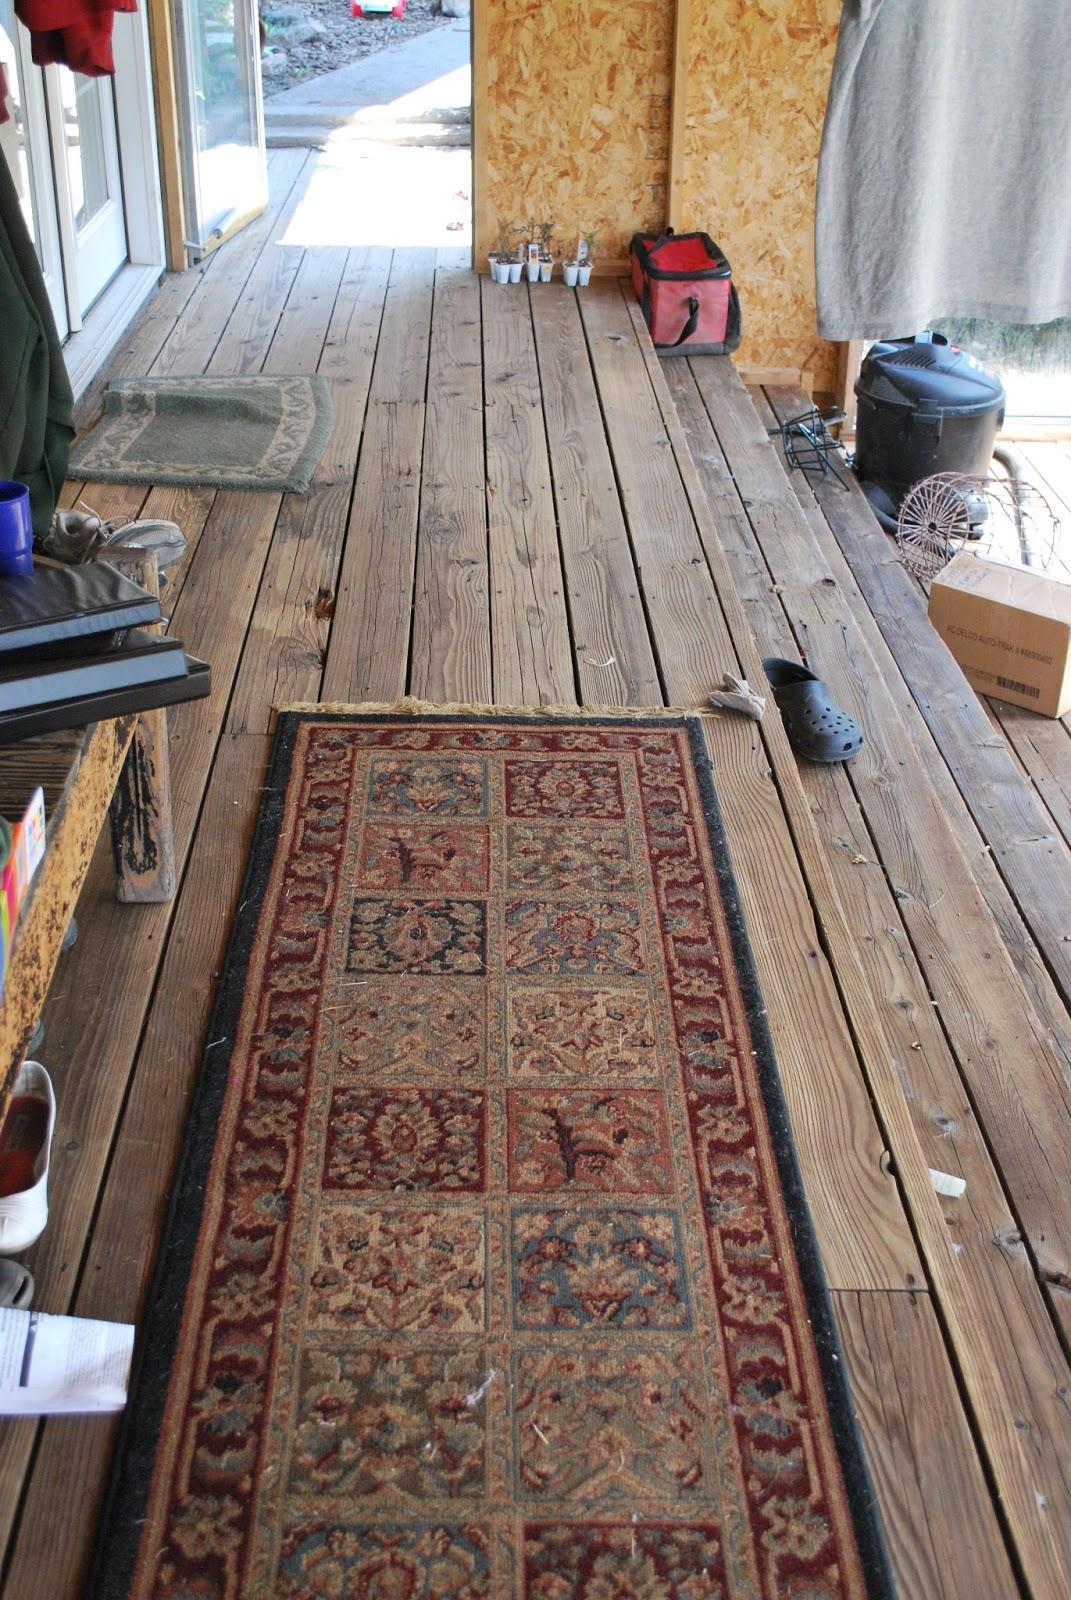 Foyer Rug Vinegar : Prairie scraps when life happens just add vinegar